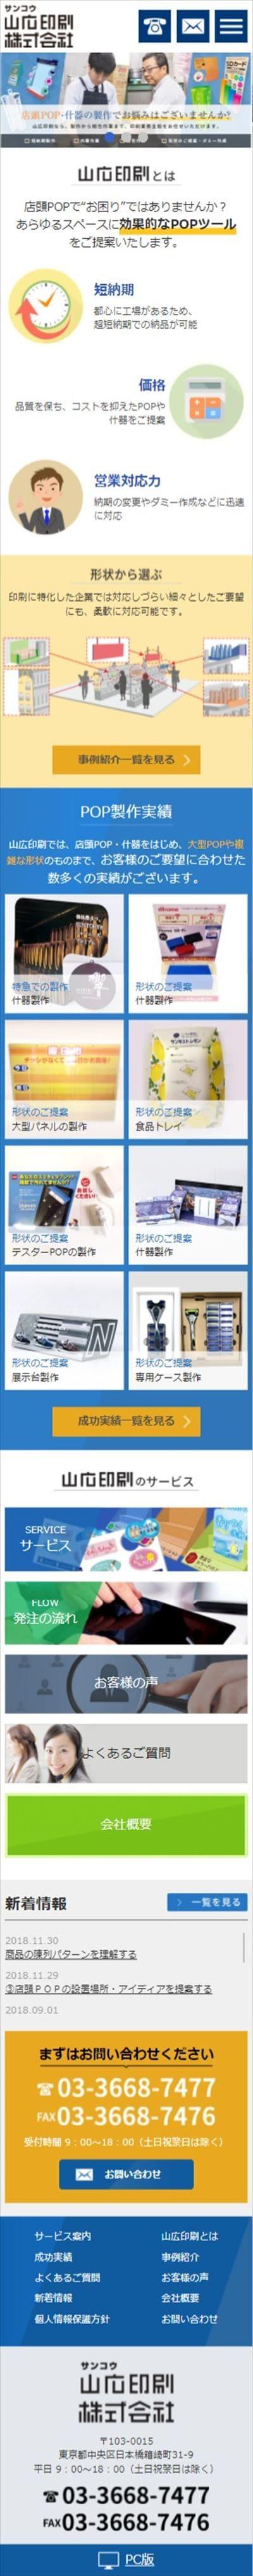 山広印刷株式会社